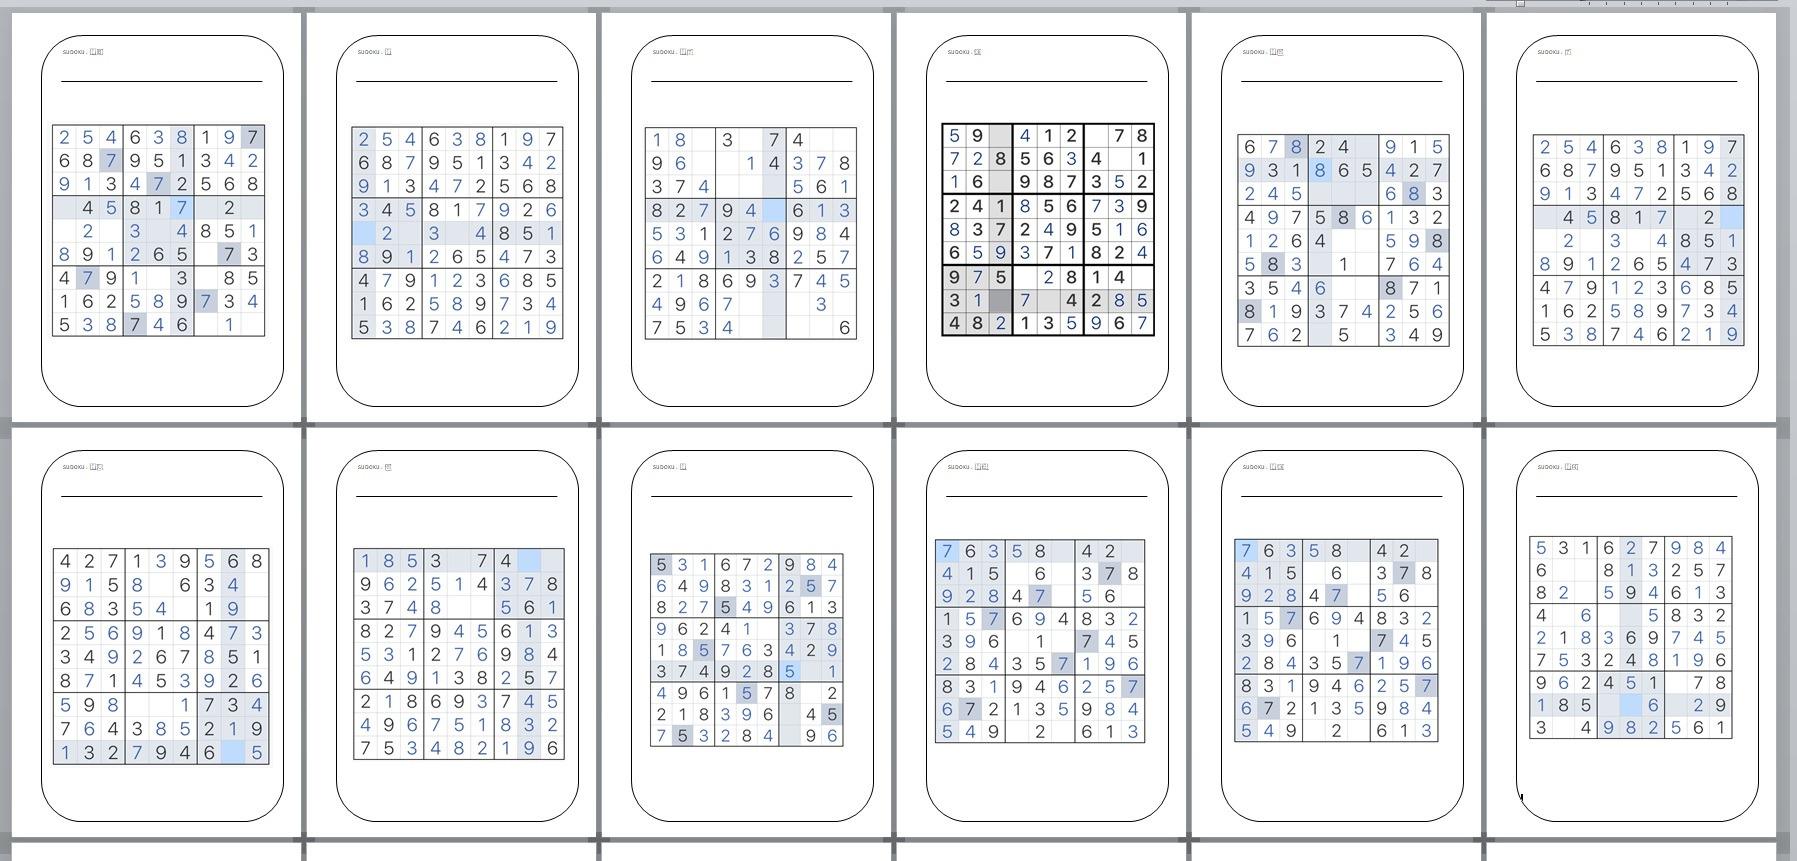 Apprendre À Jouer Au Sudoku - Jeux Pédagogiques Et Compagnie concernant Comment Jouer Sudoku